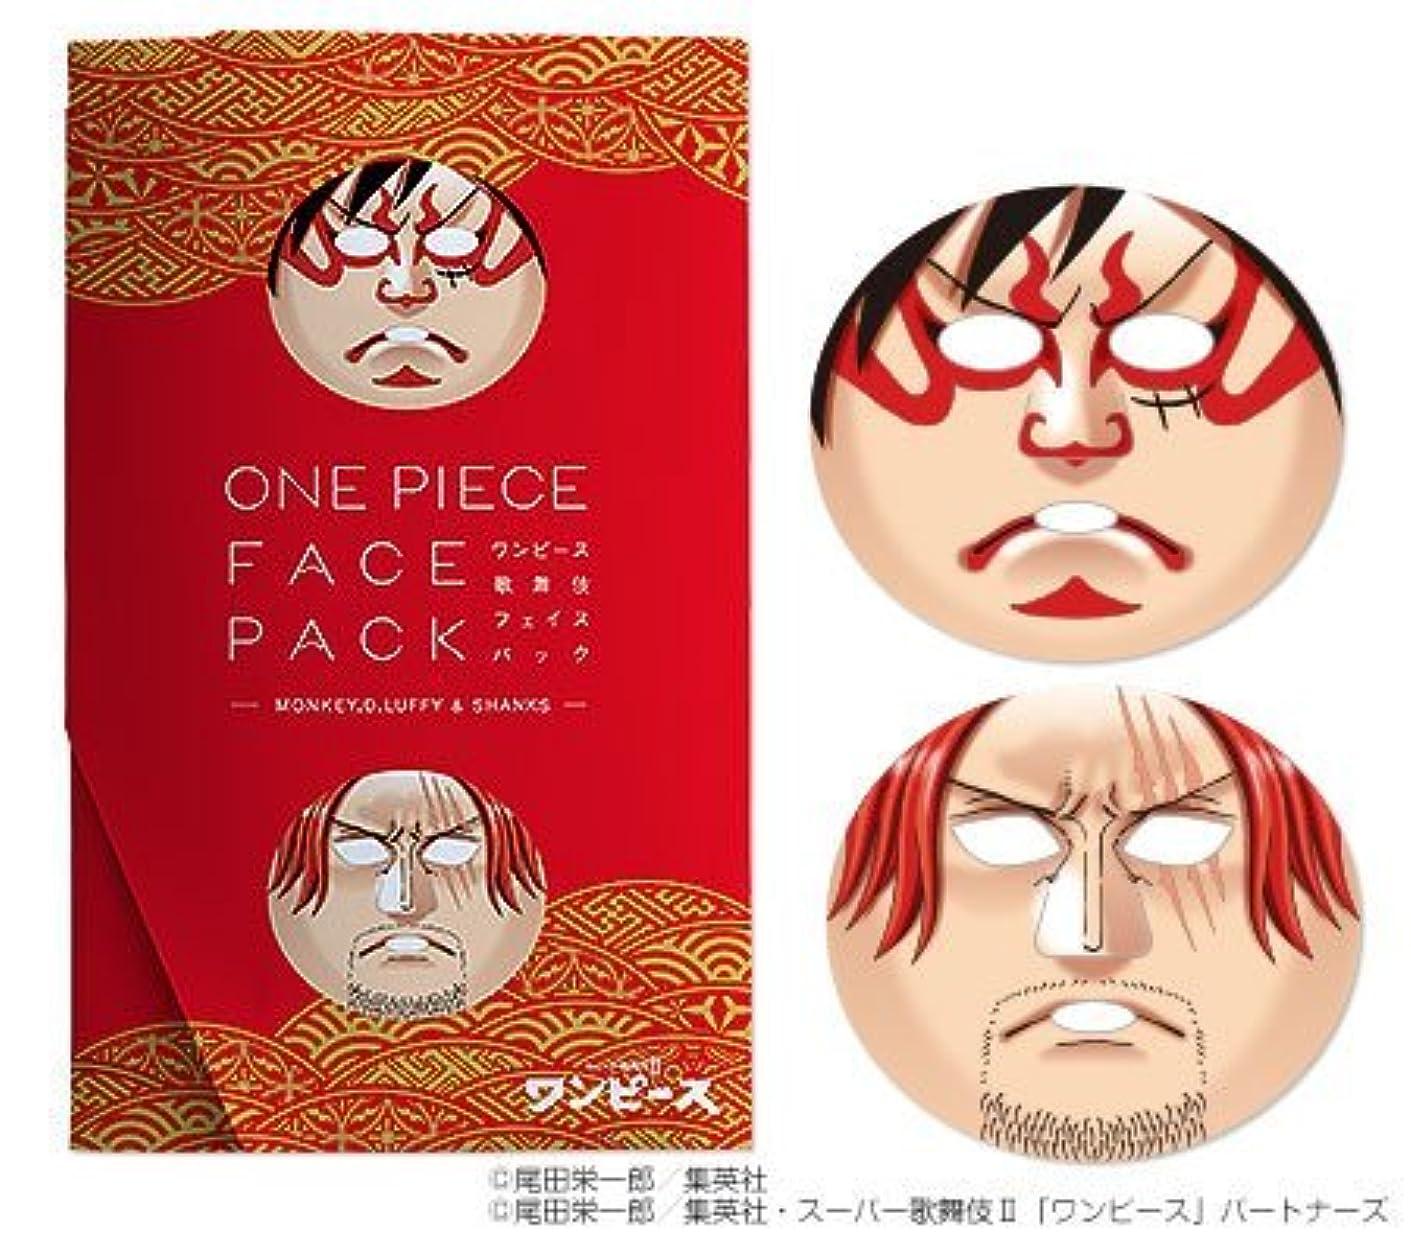 彼ら移行するレインコートワンピース 歌舞伎 フェイスパック (モンキー.D.ルフィ&赤髪のシャンクス)